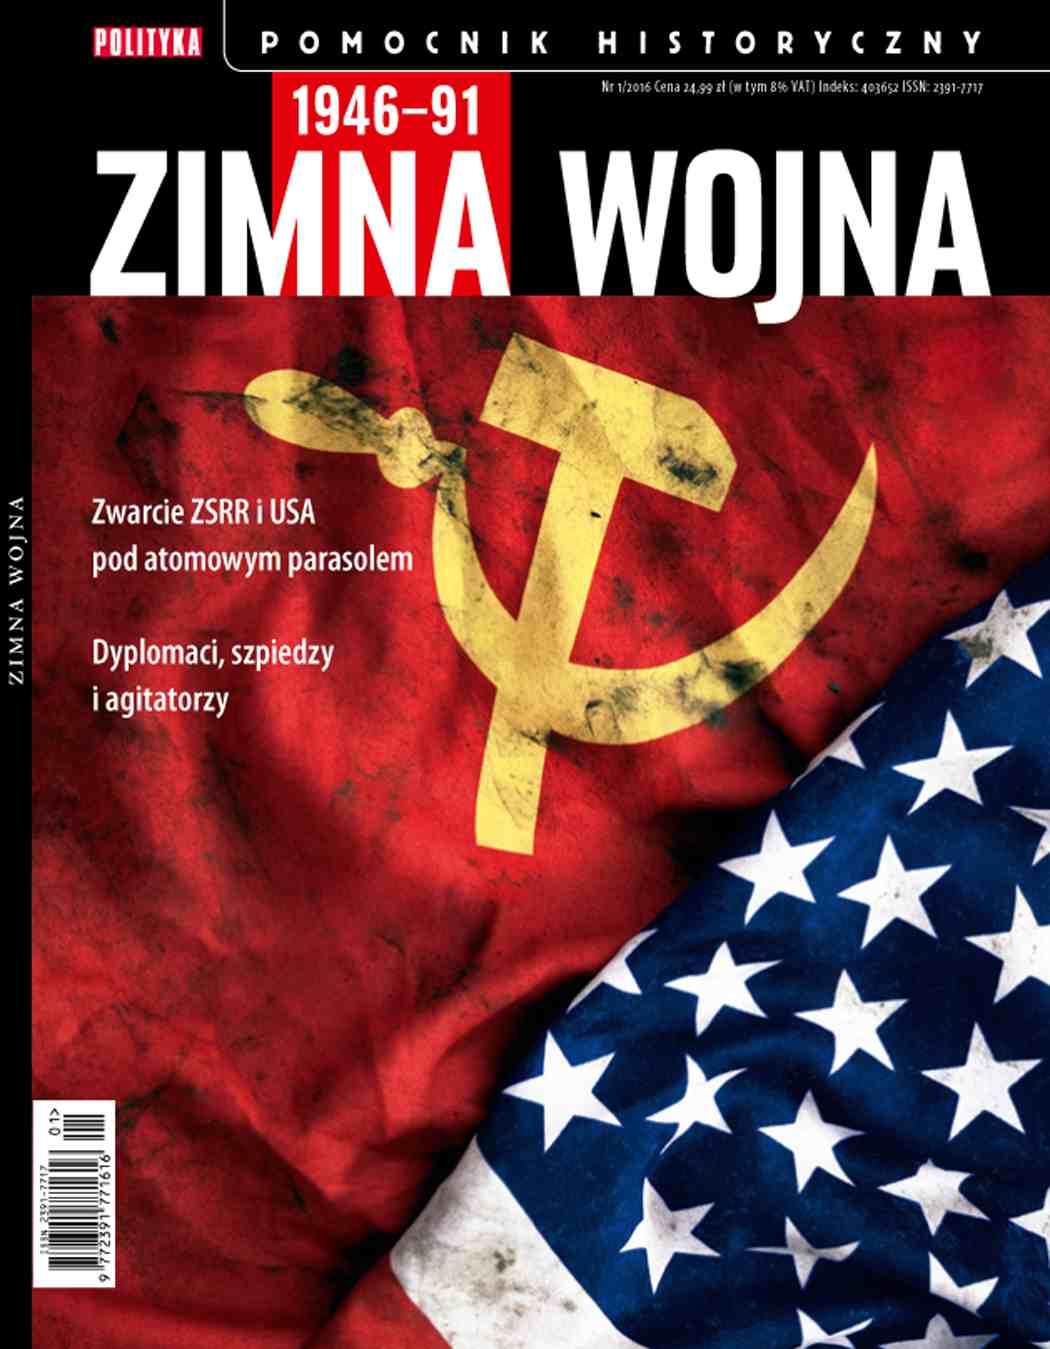 Pomocnik Historyczny. Zimna wojna 1946-91 - Ebook (Książka PDF) do pobrania w formacie PDF